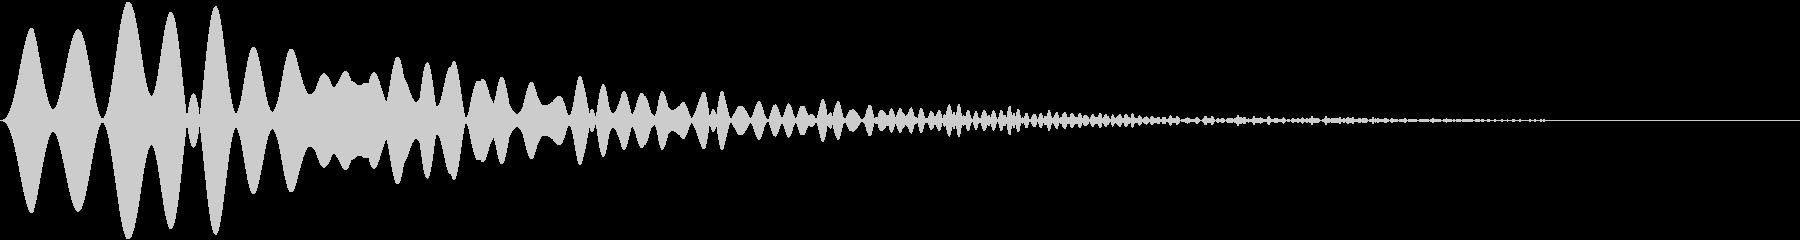 カーソル・決定・キャンセル音 「プョイ」の未再生の波形